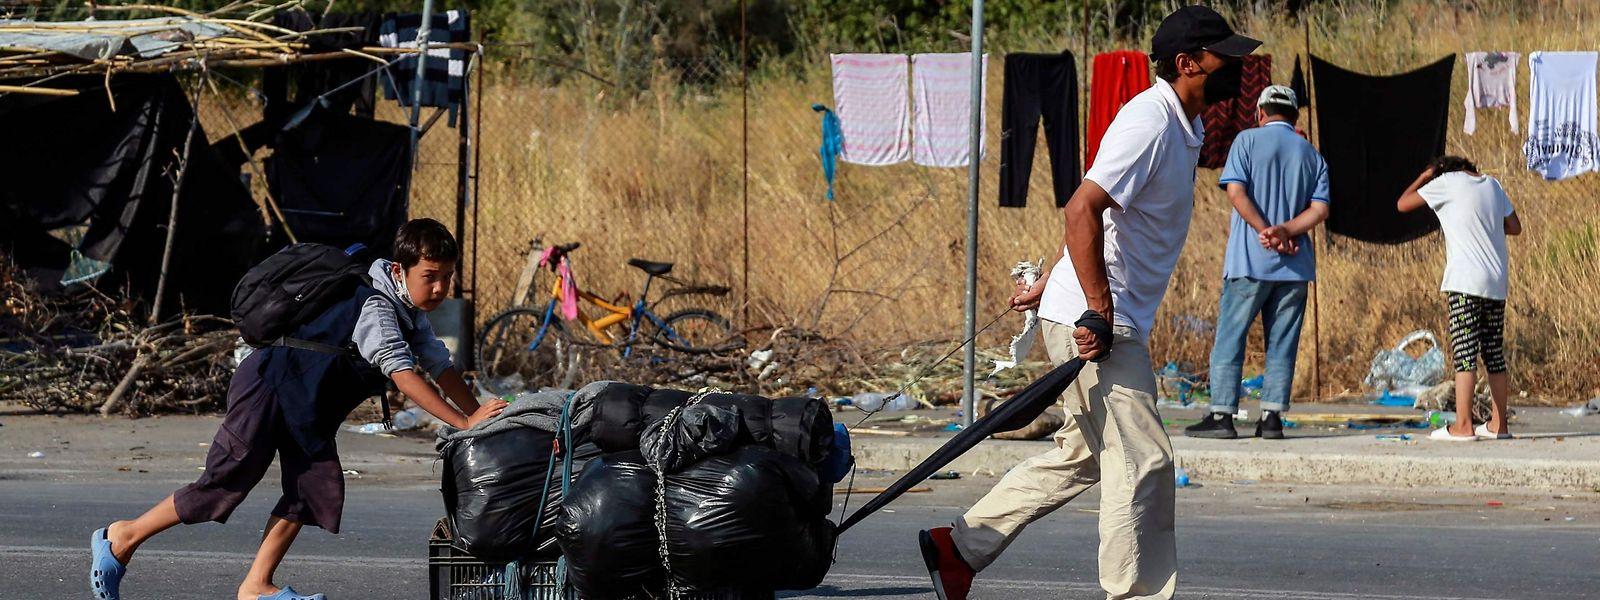 Auch zehn Tage nach dem verheerenden Brand im Flüchtlingslager Moria leben die Menschen auf der Straße.